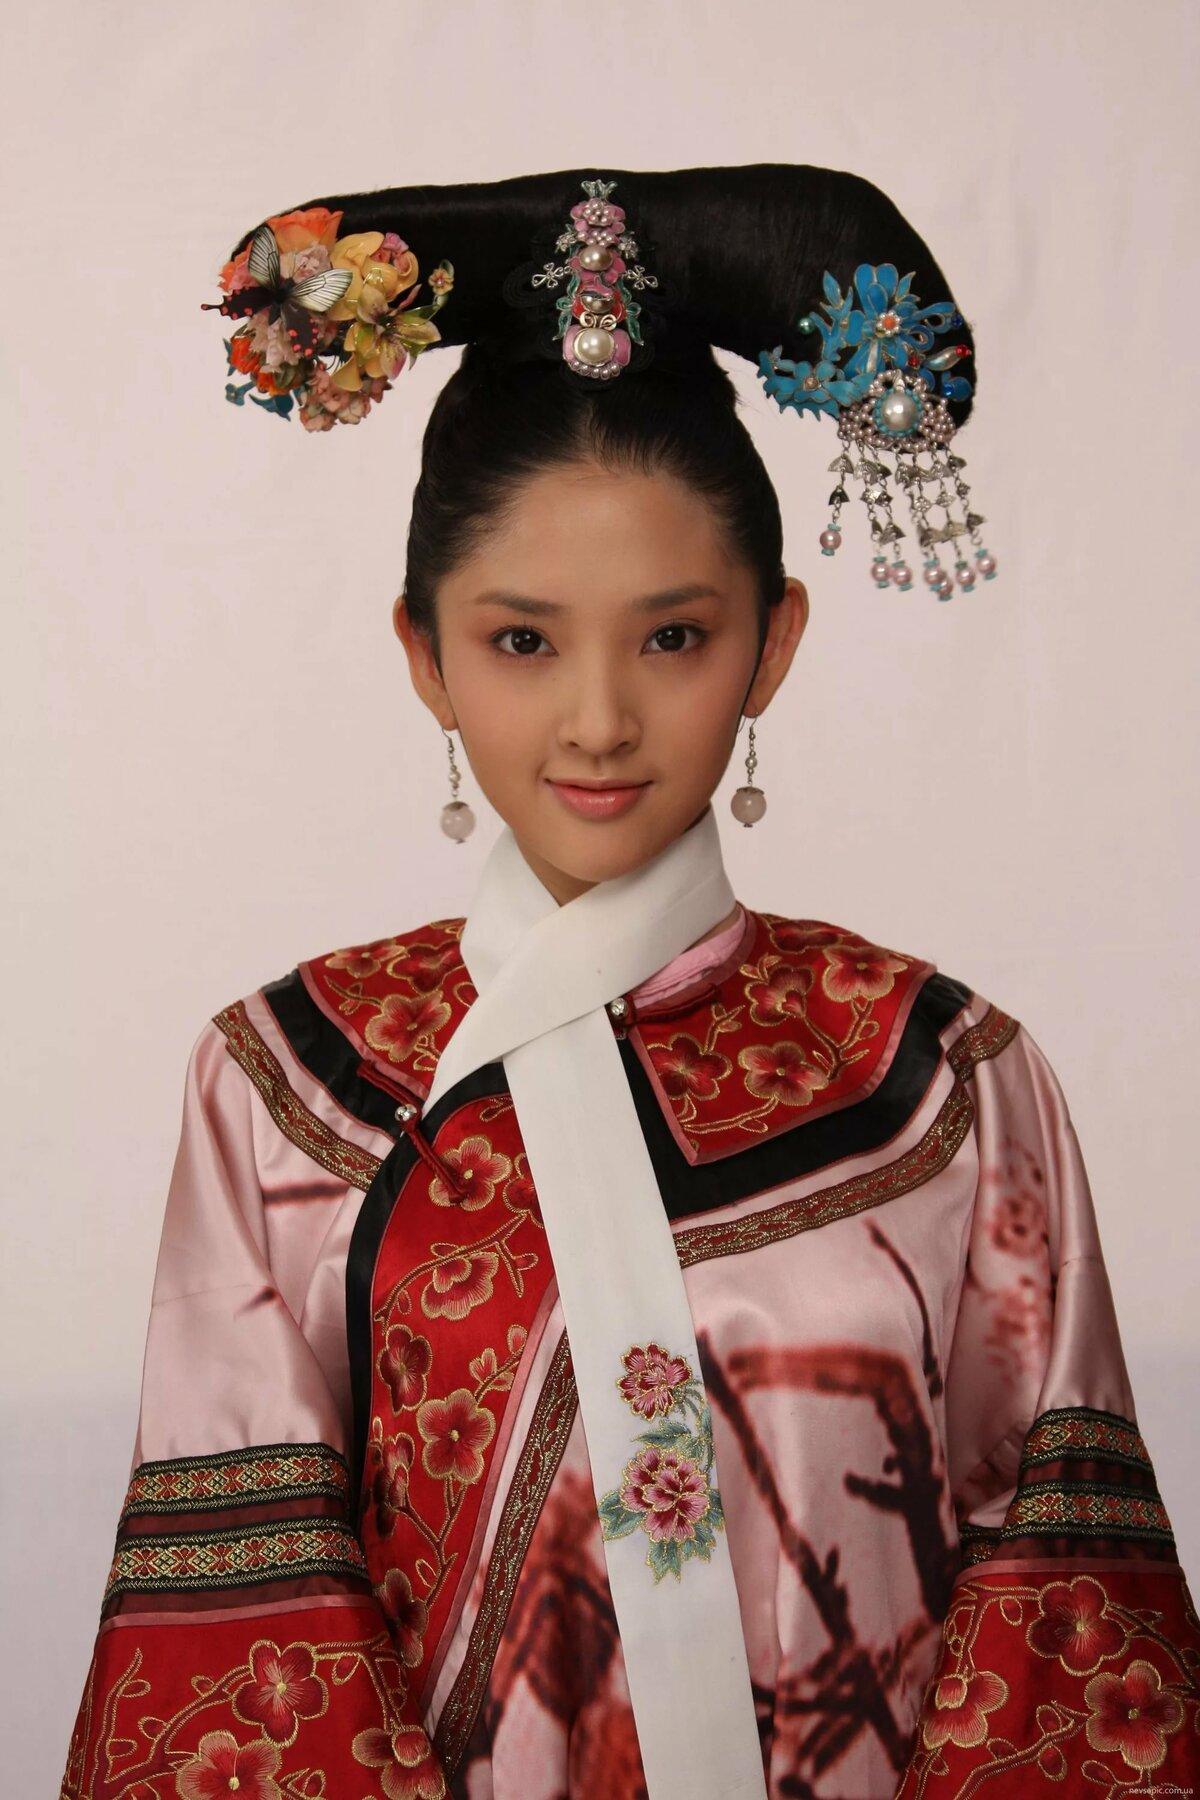 так картинки китайцев в национальной одежде тракторов россии выпускают